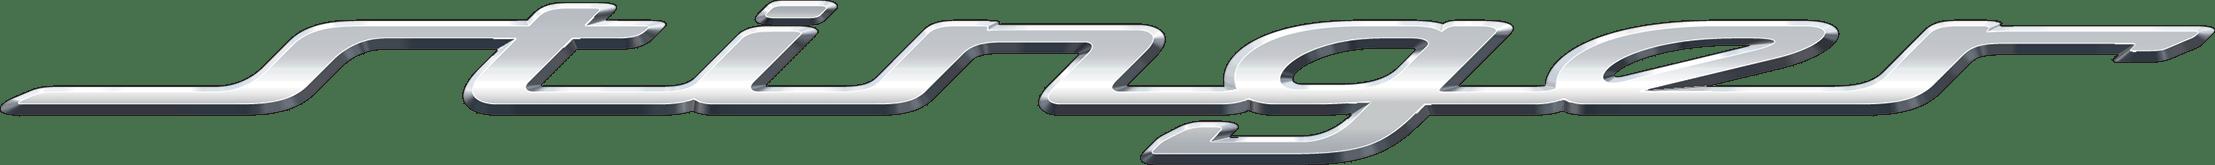 2018 Kia Stinger